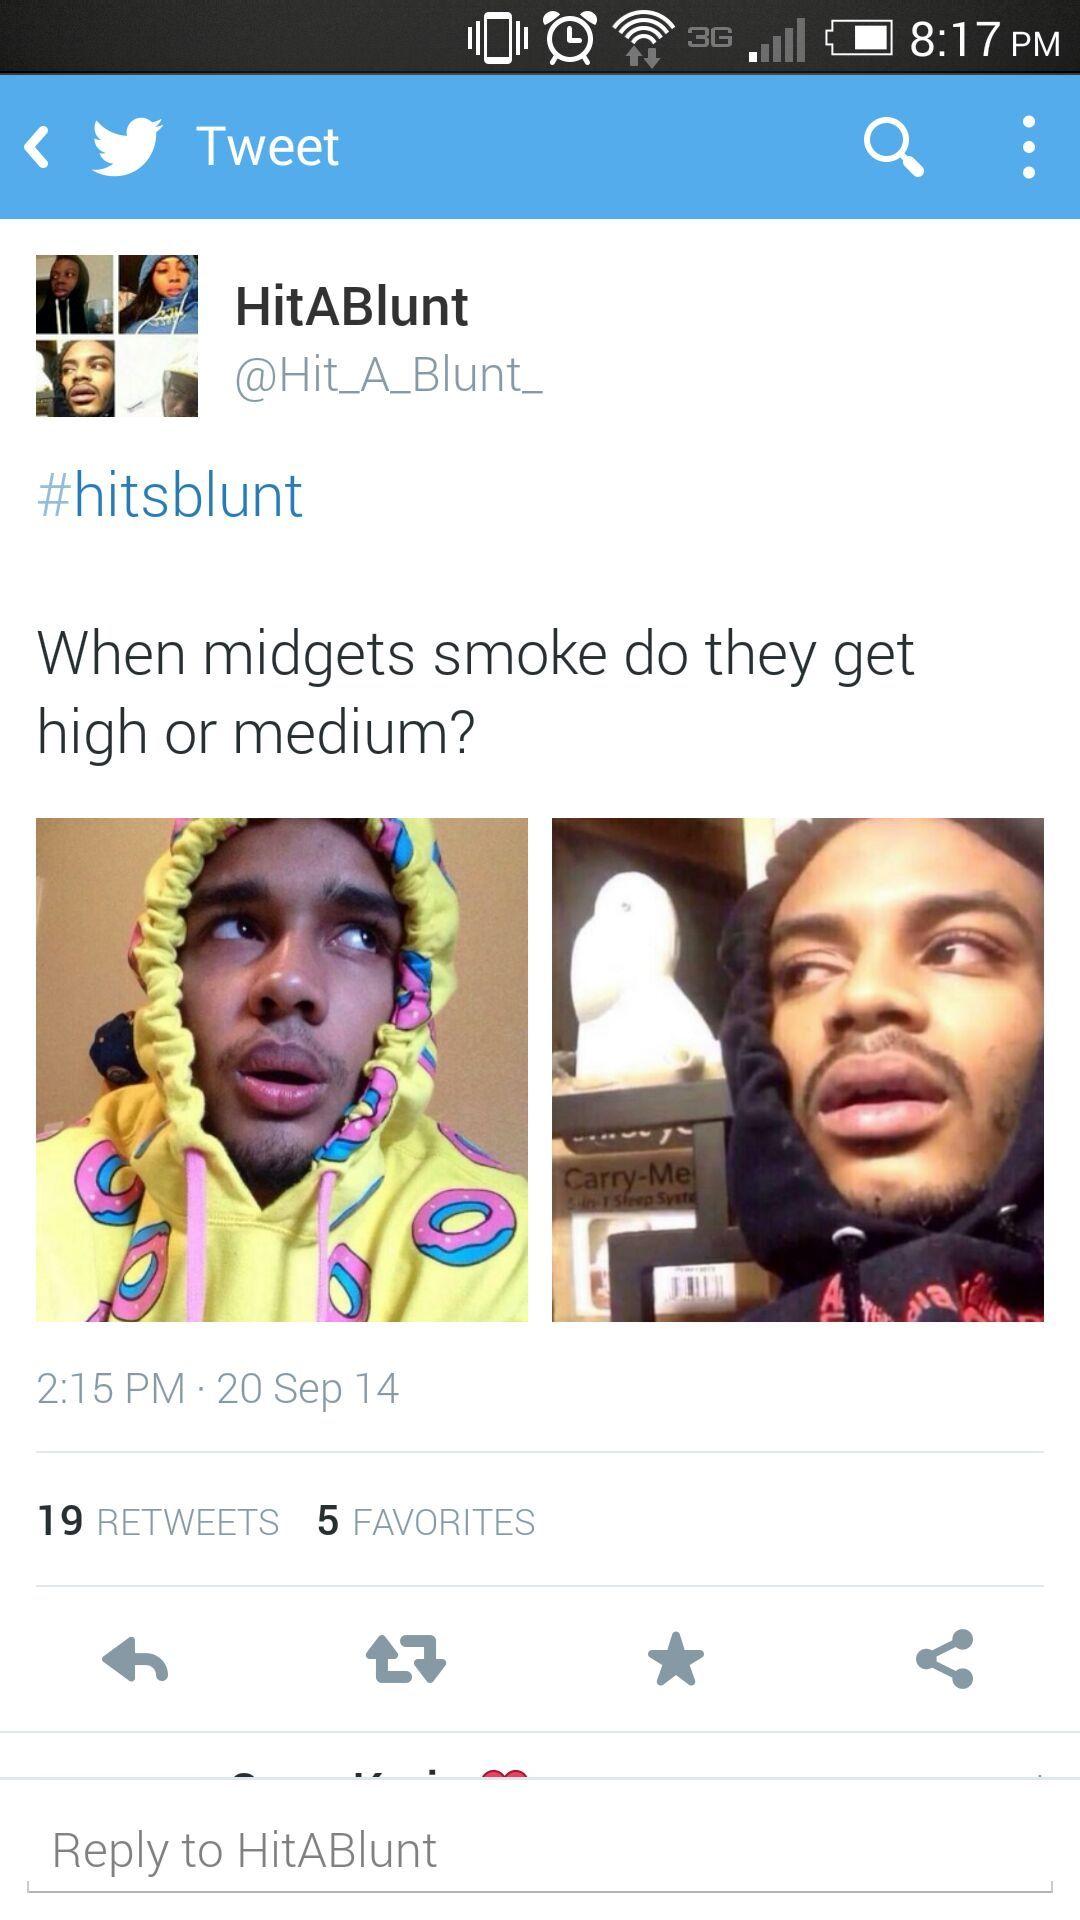 #hitsblunt - meme